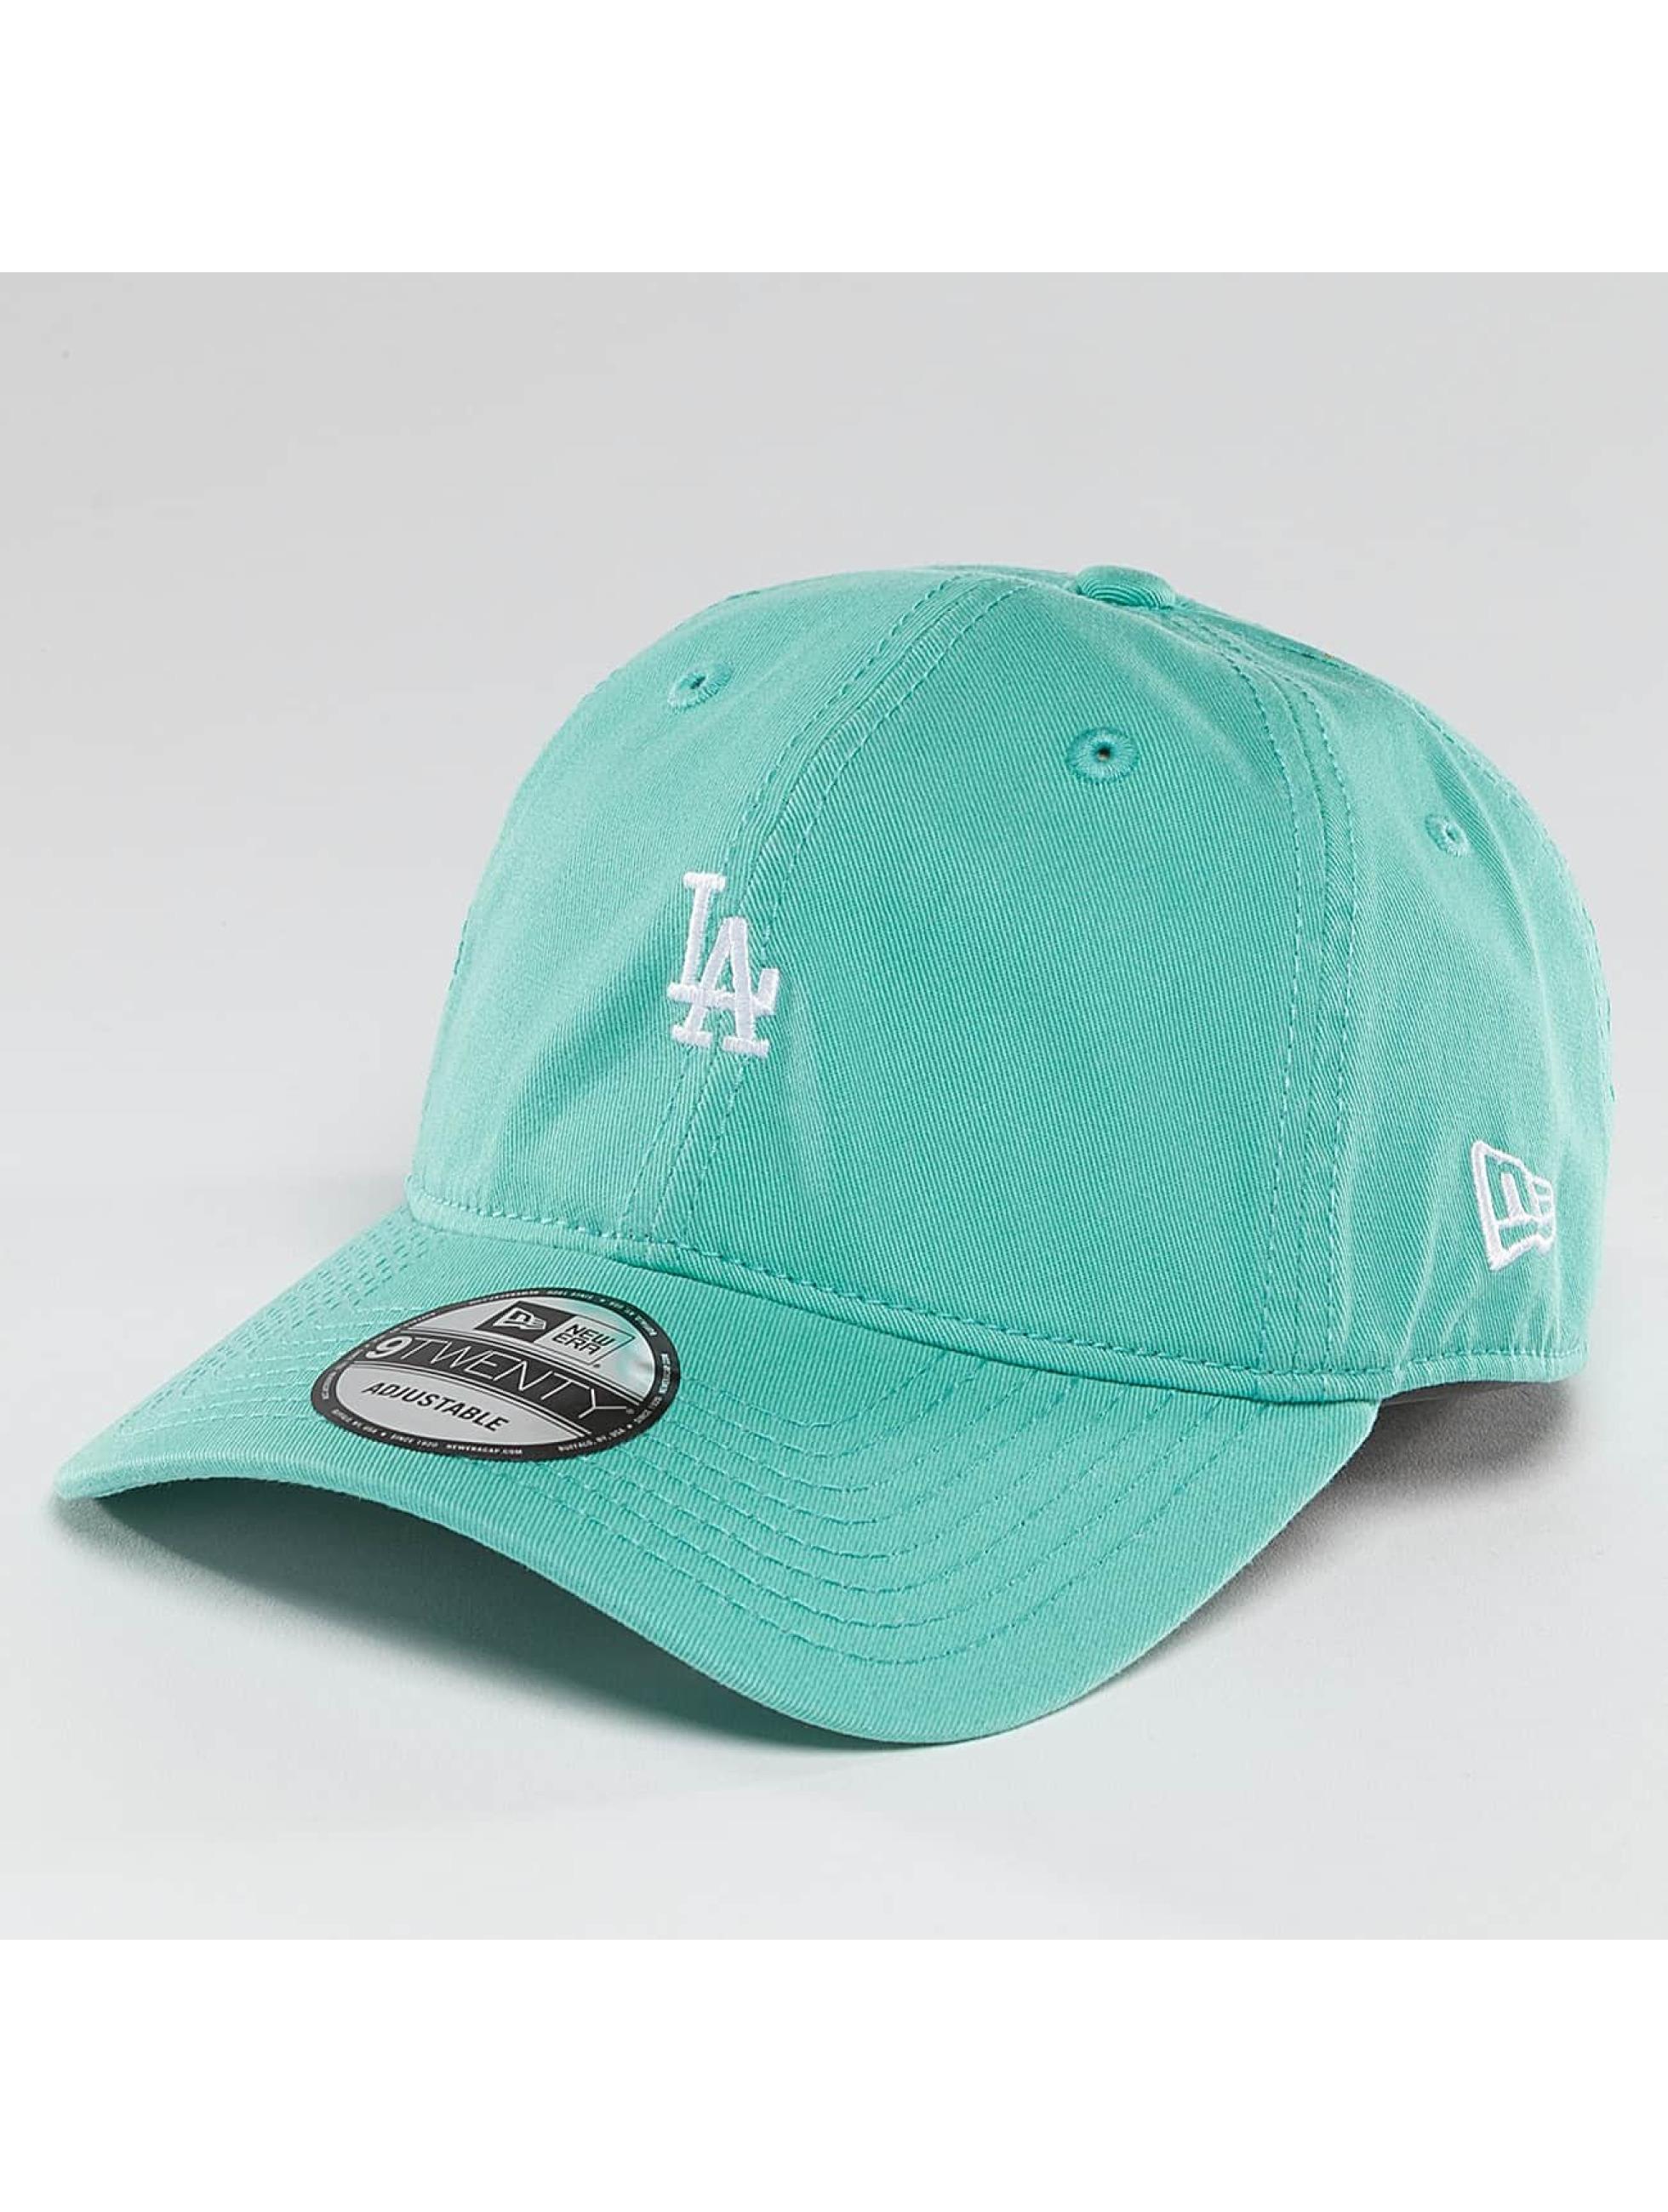 New Era Snapback Cap Pastel Micro LA Dodgers 9Twenty turquoise